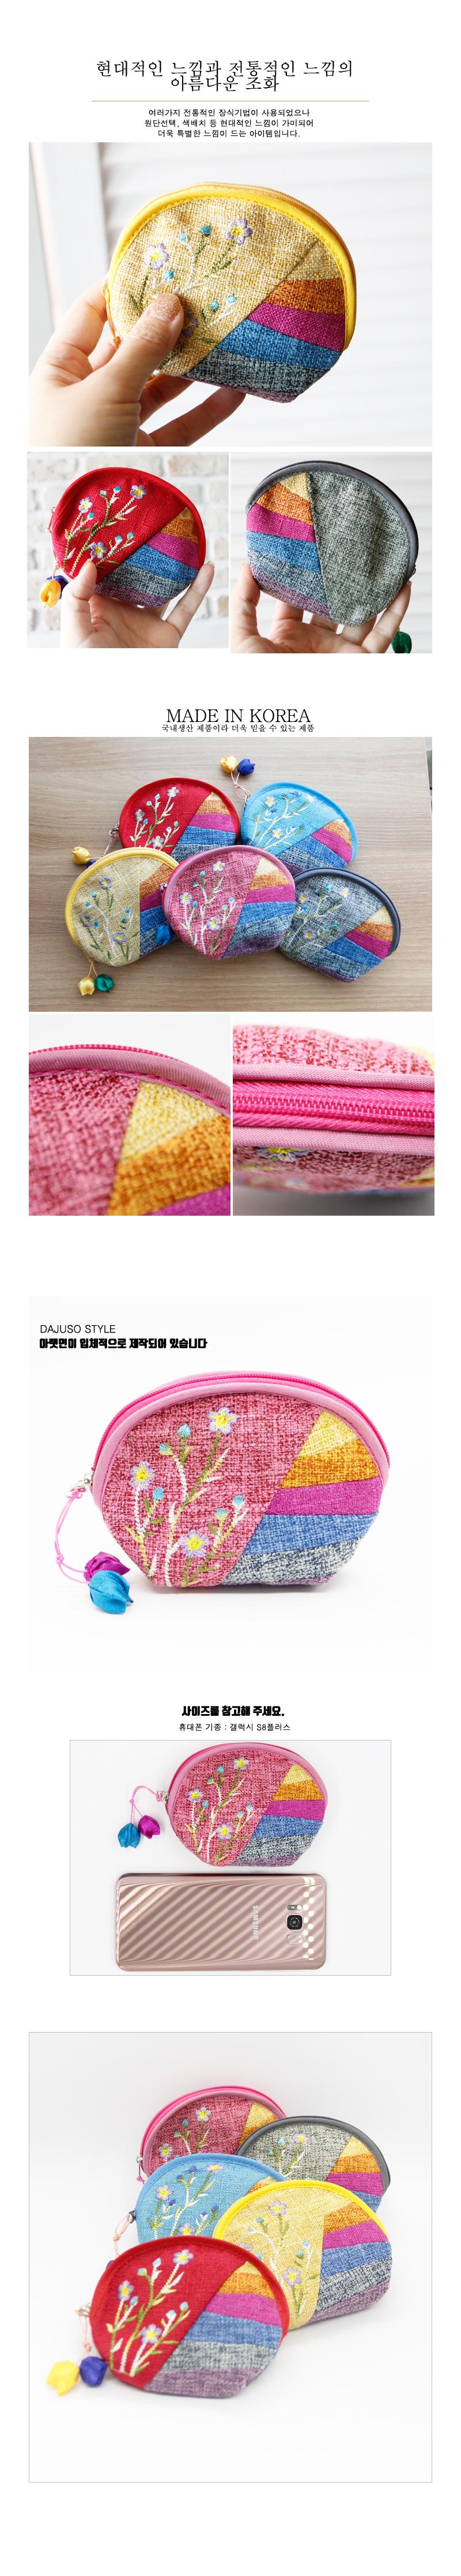 반달모양 한국풍 색동 동전 지갑(5colors) - 다주소, 3,000원, 동전/카드지갑, 동전지갑